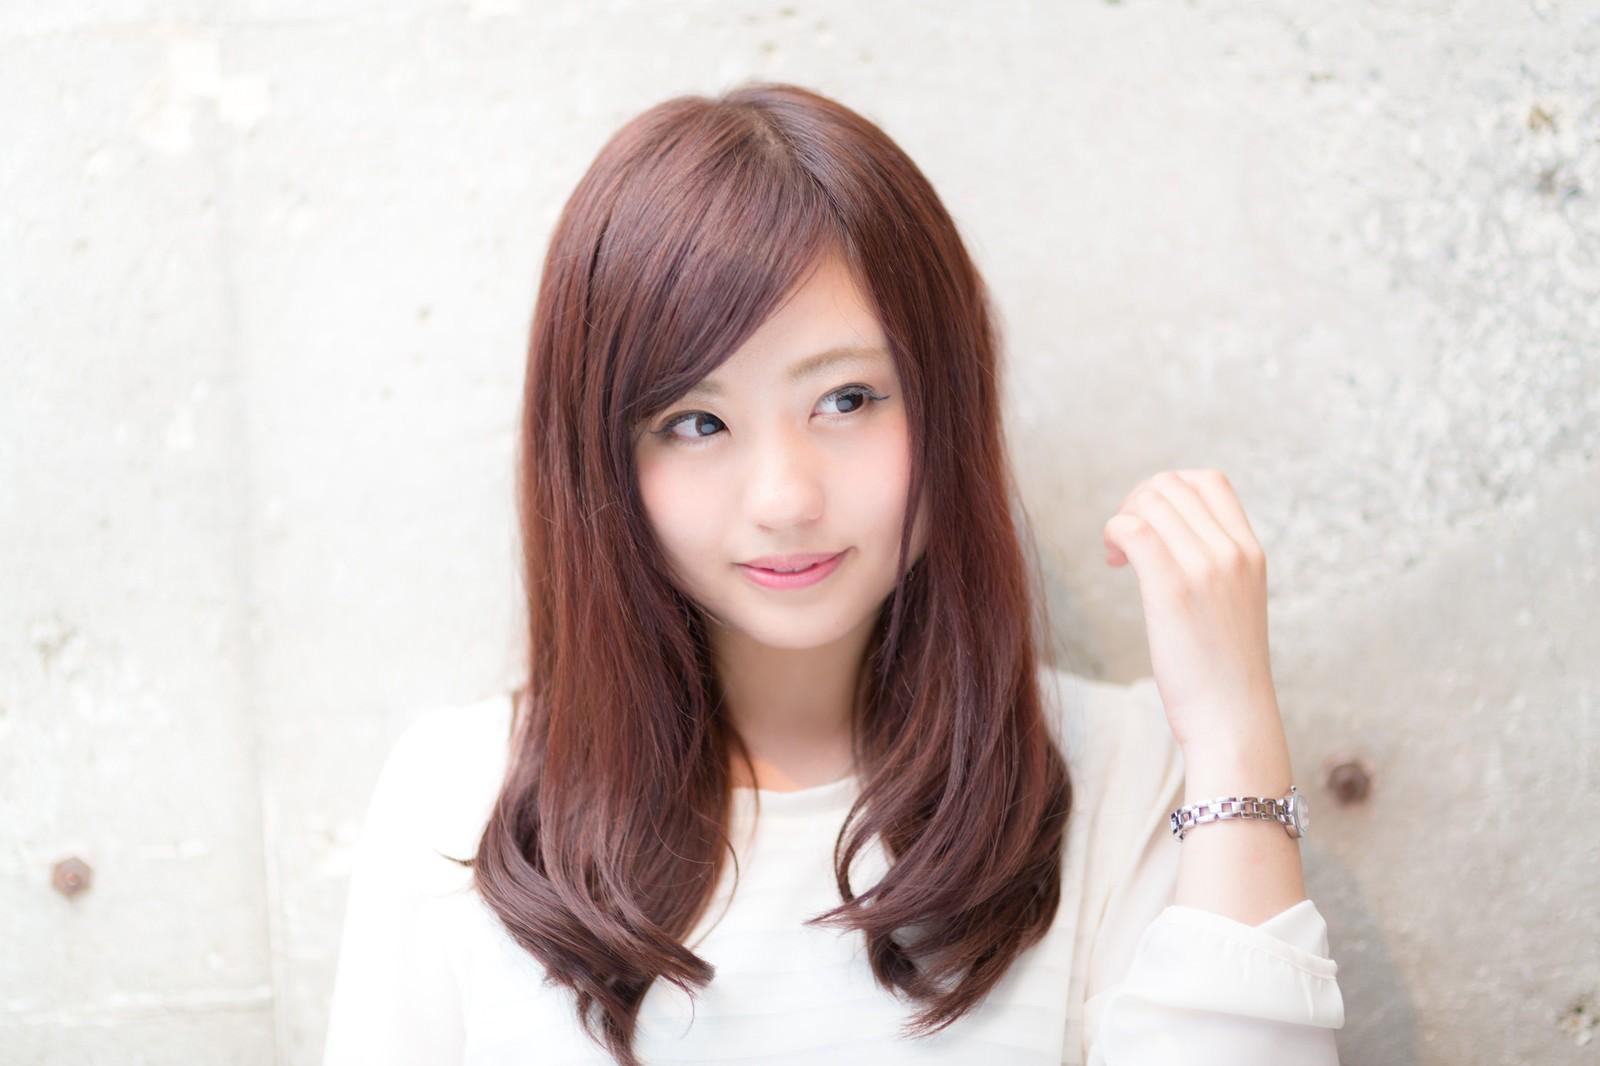 「渋谷のIT企業で働くキラキラ女性広報」の写真[モデル:河村友歌]